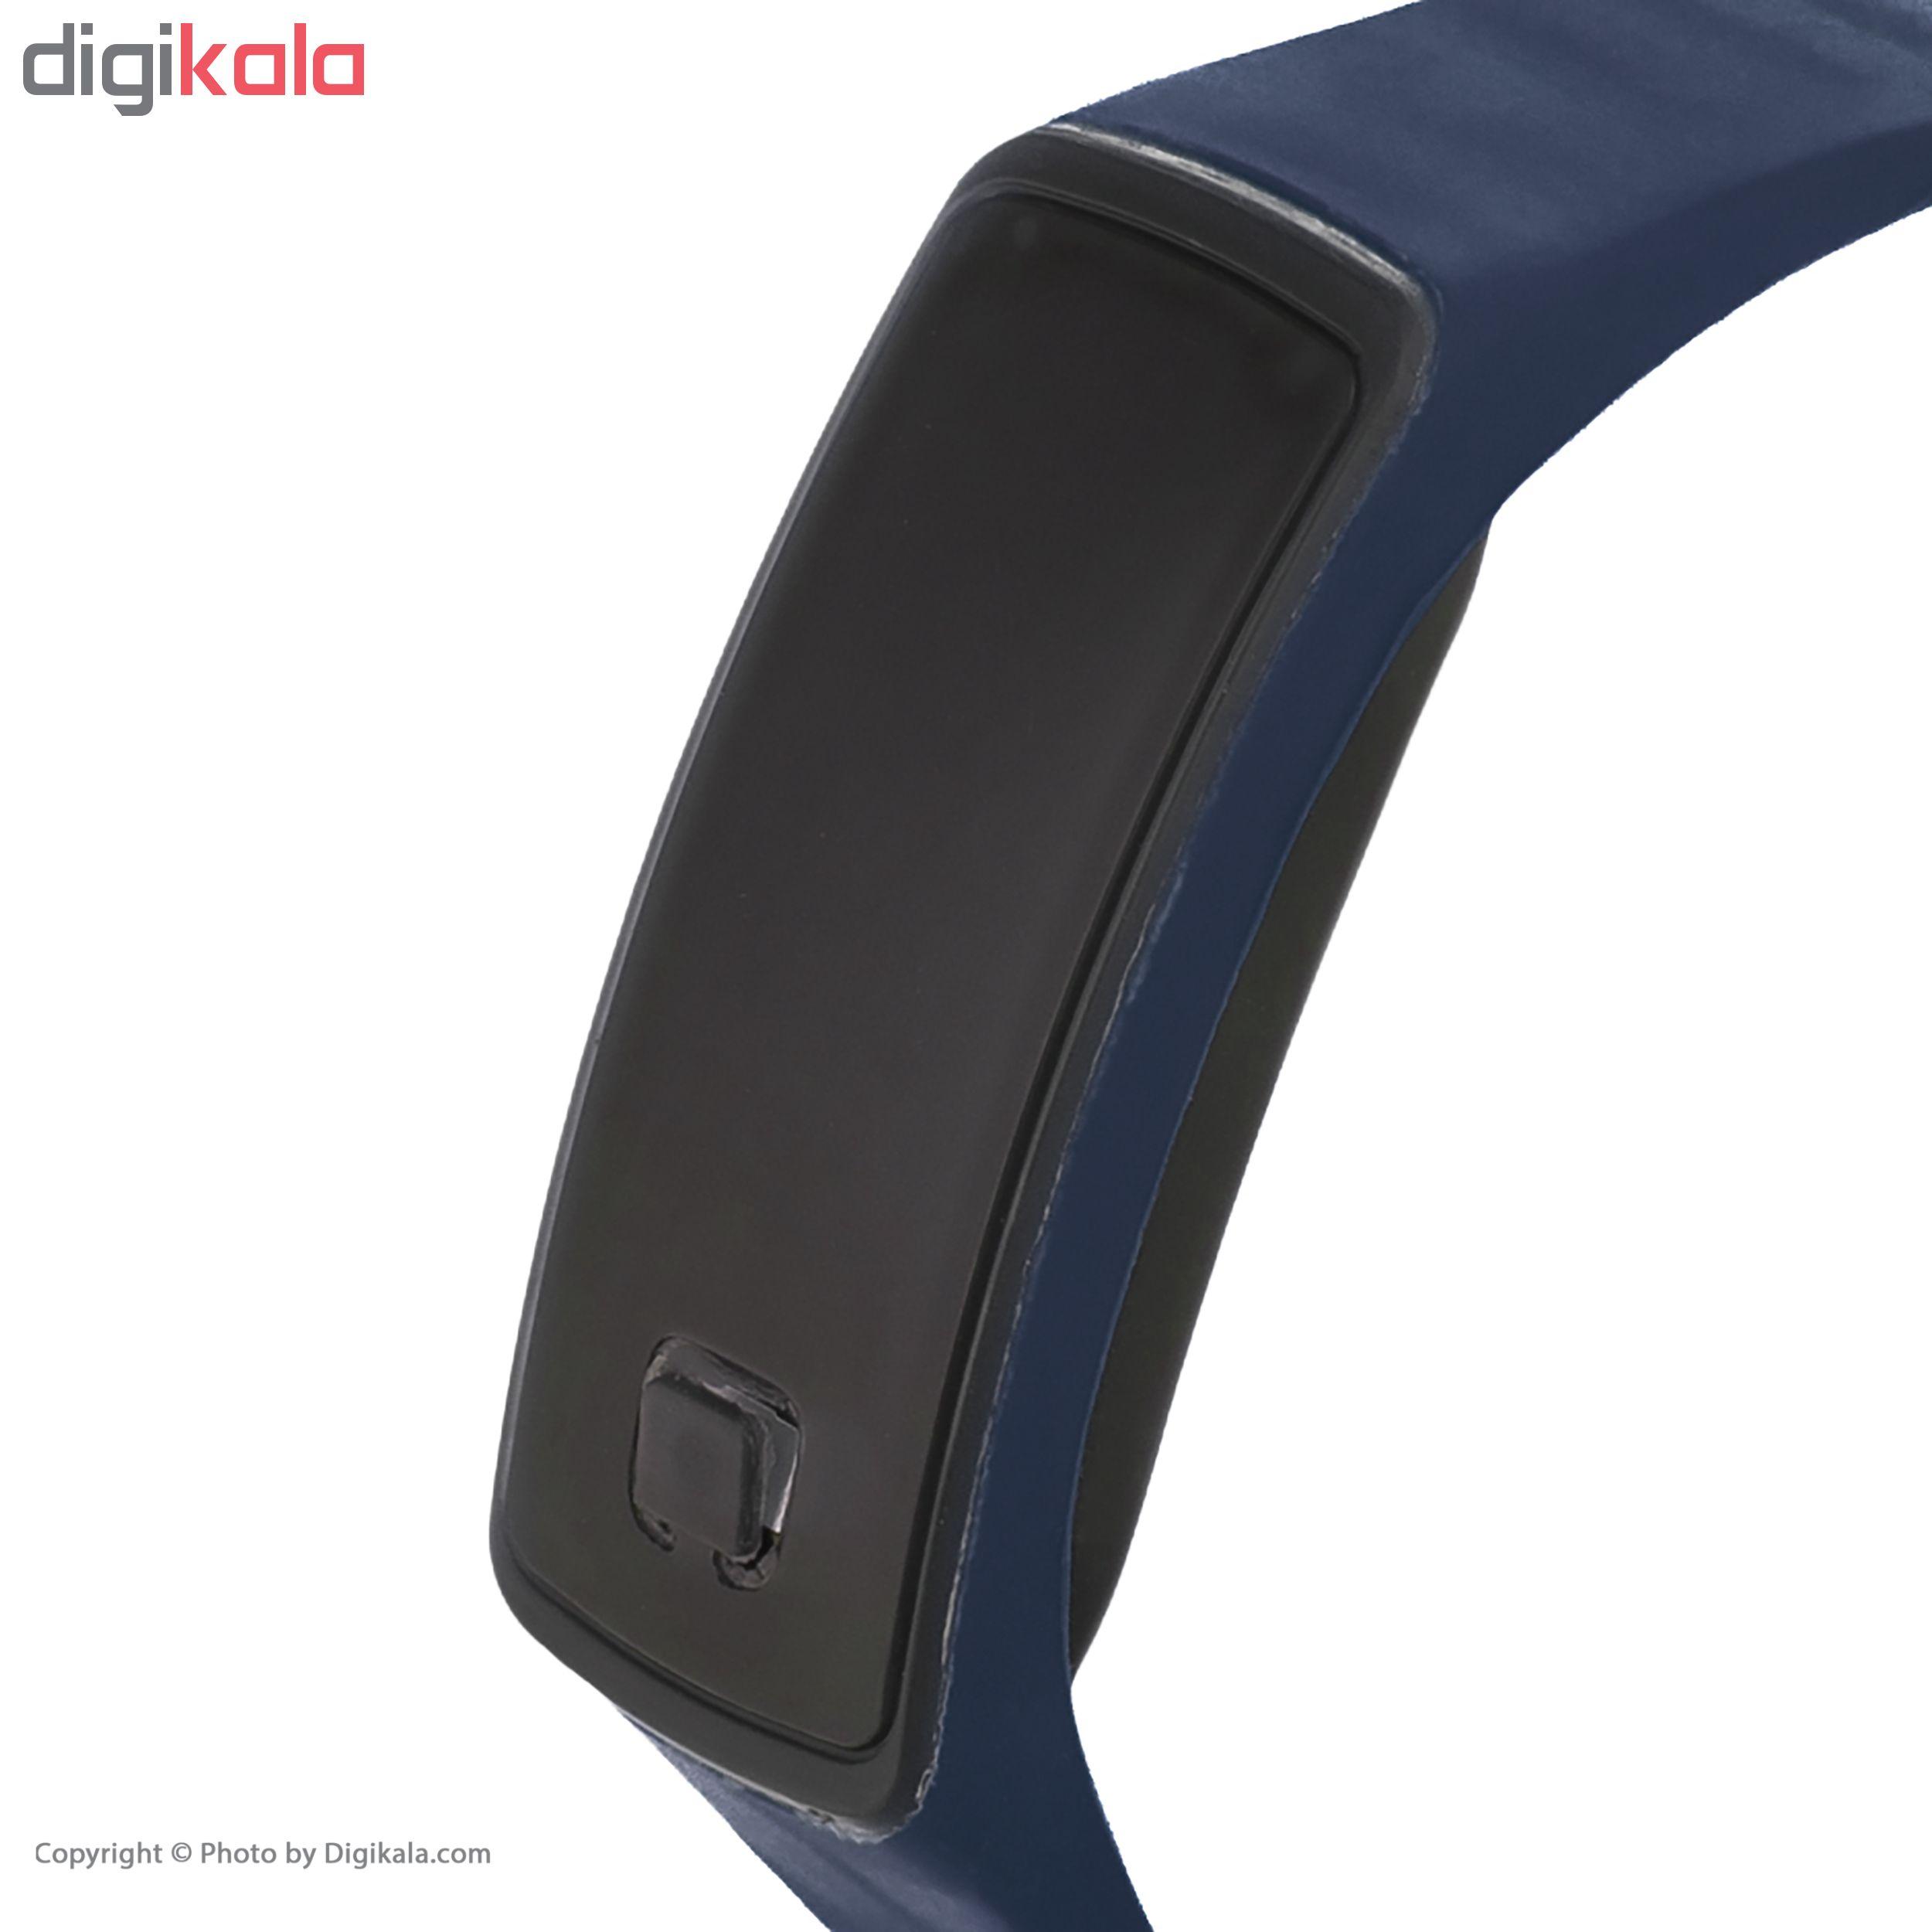 ساعت مچی دیجیتال مدل E7             قیمت